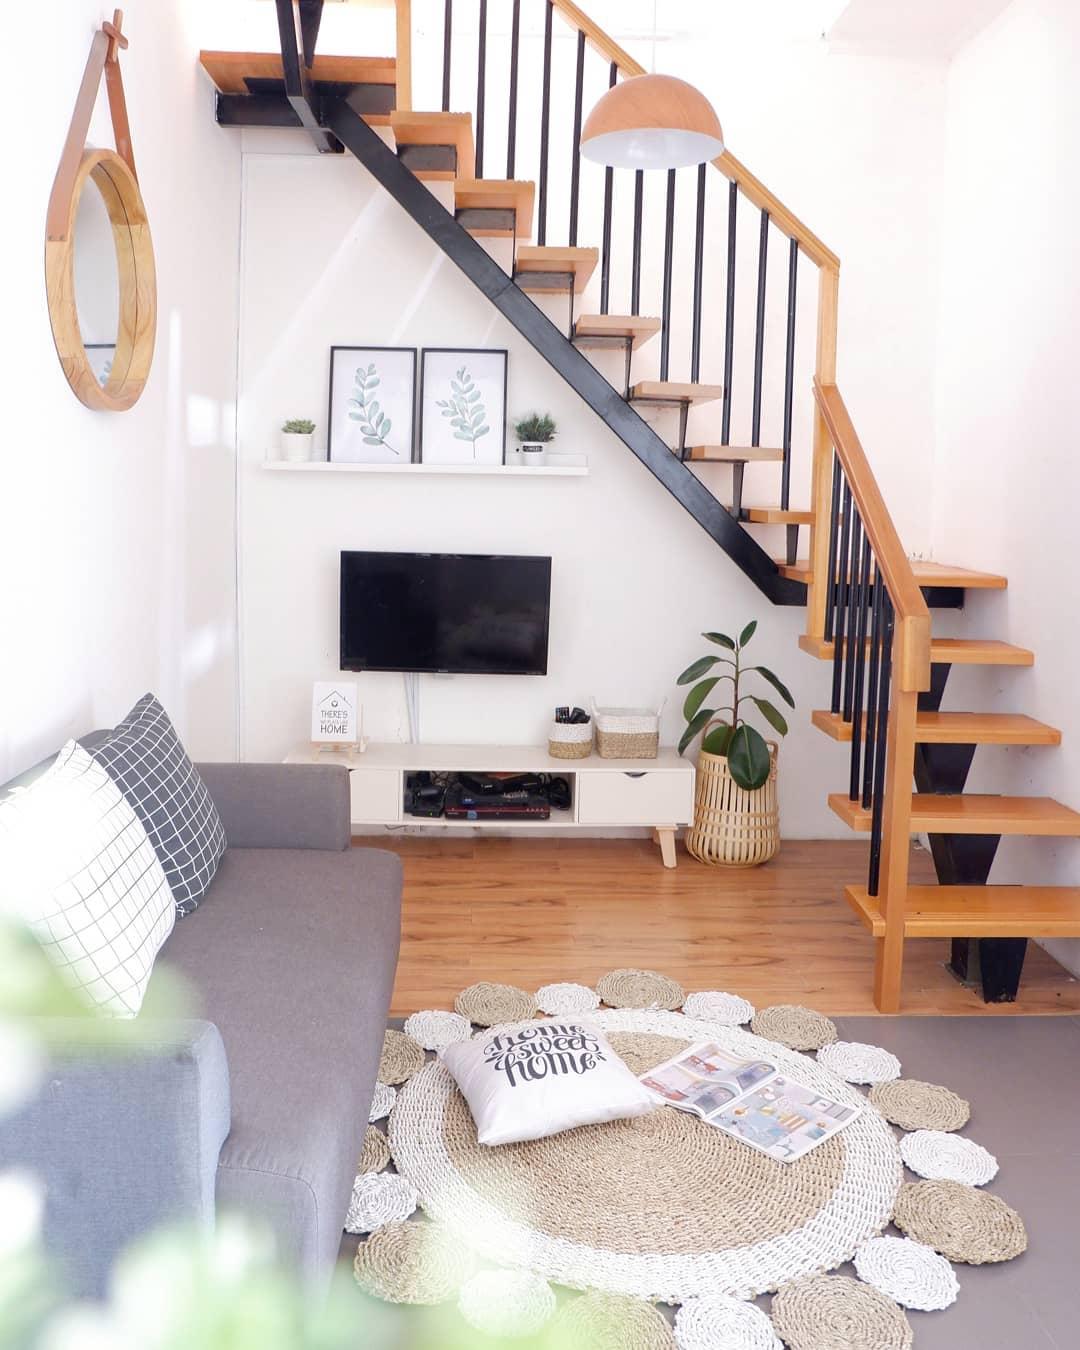 Desain Interior Ruang Santai Nonton TV Bawah Tangga Dengan Karpet Rotan - Inspirasi Desain Rumah Terkini